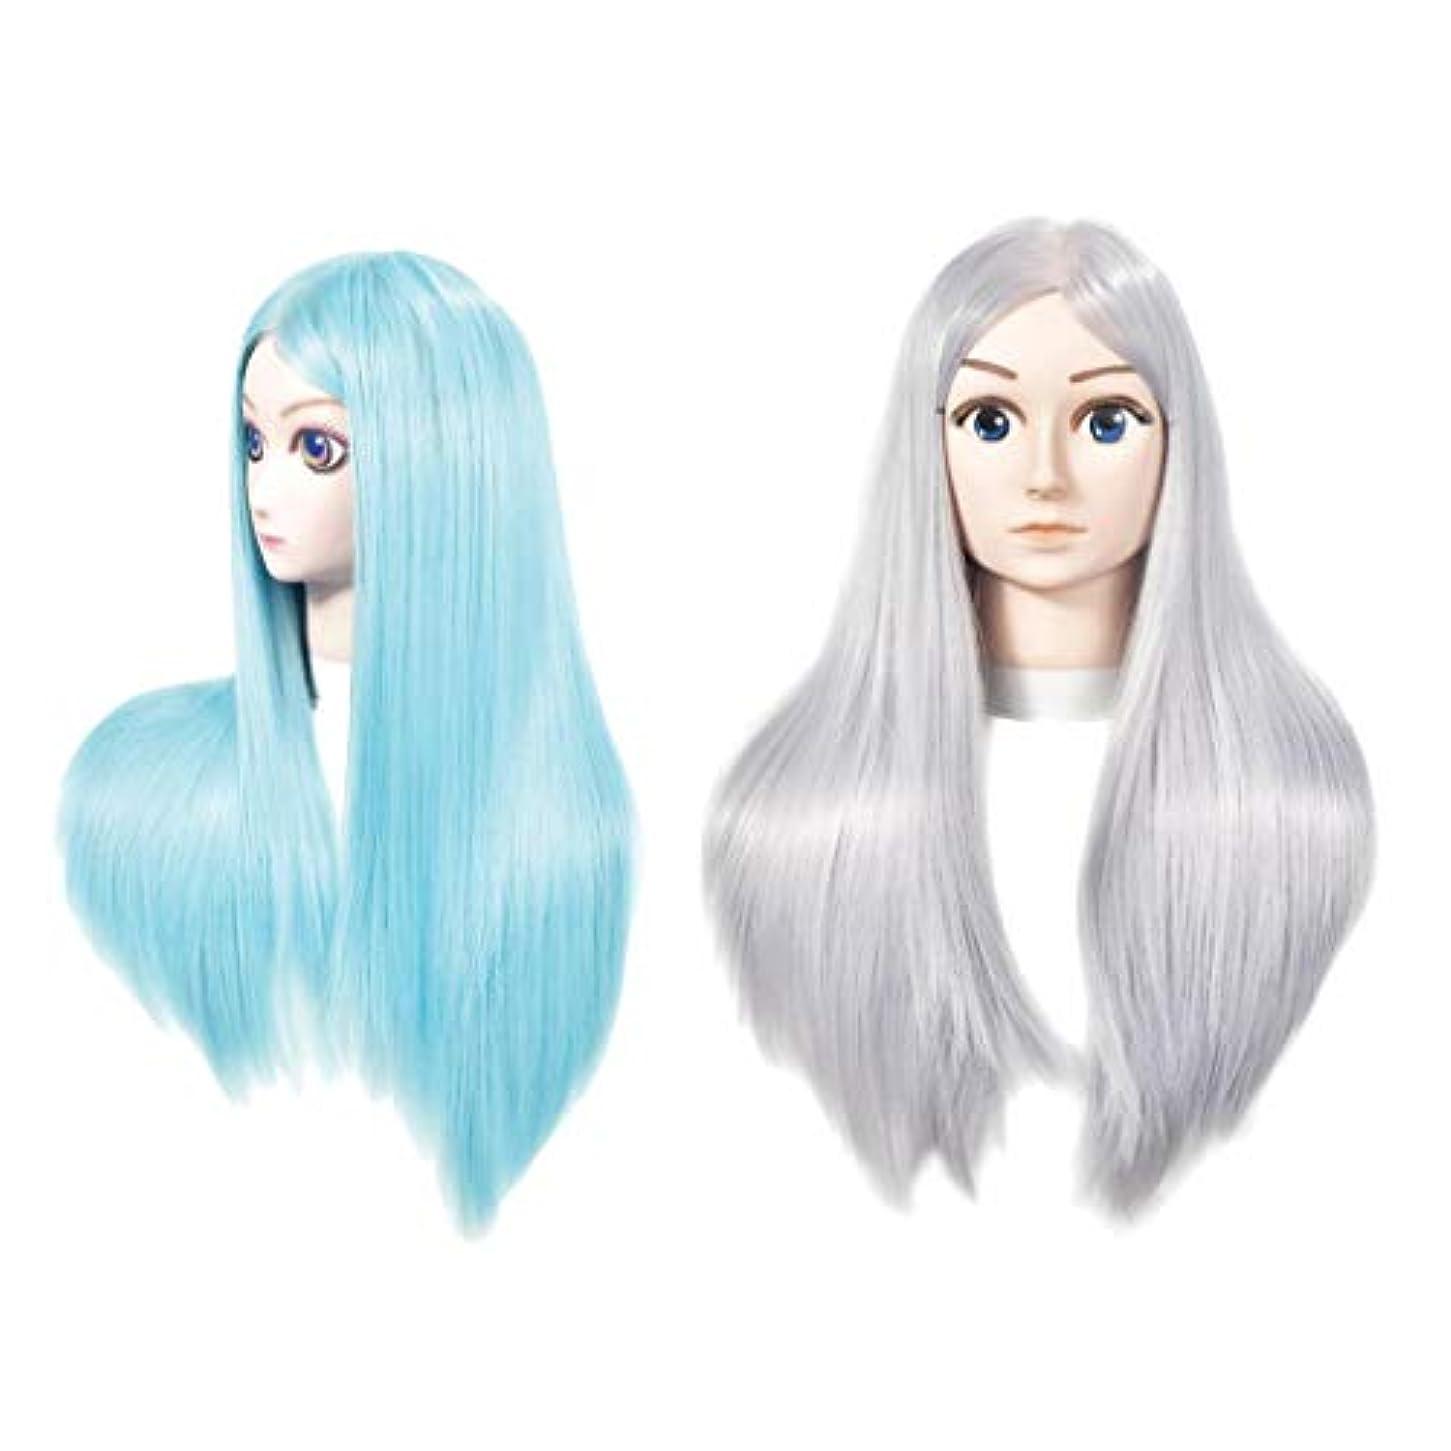 同時洗練された会議Sharplace マネキンヘッド ウィッグ マネキンヘッドモデル トレーニング スタイリスト 理髪サロン 理髪店 理髪師